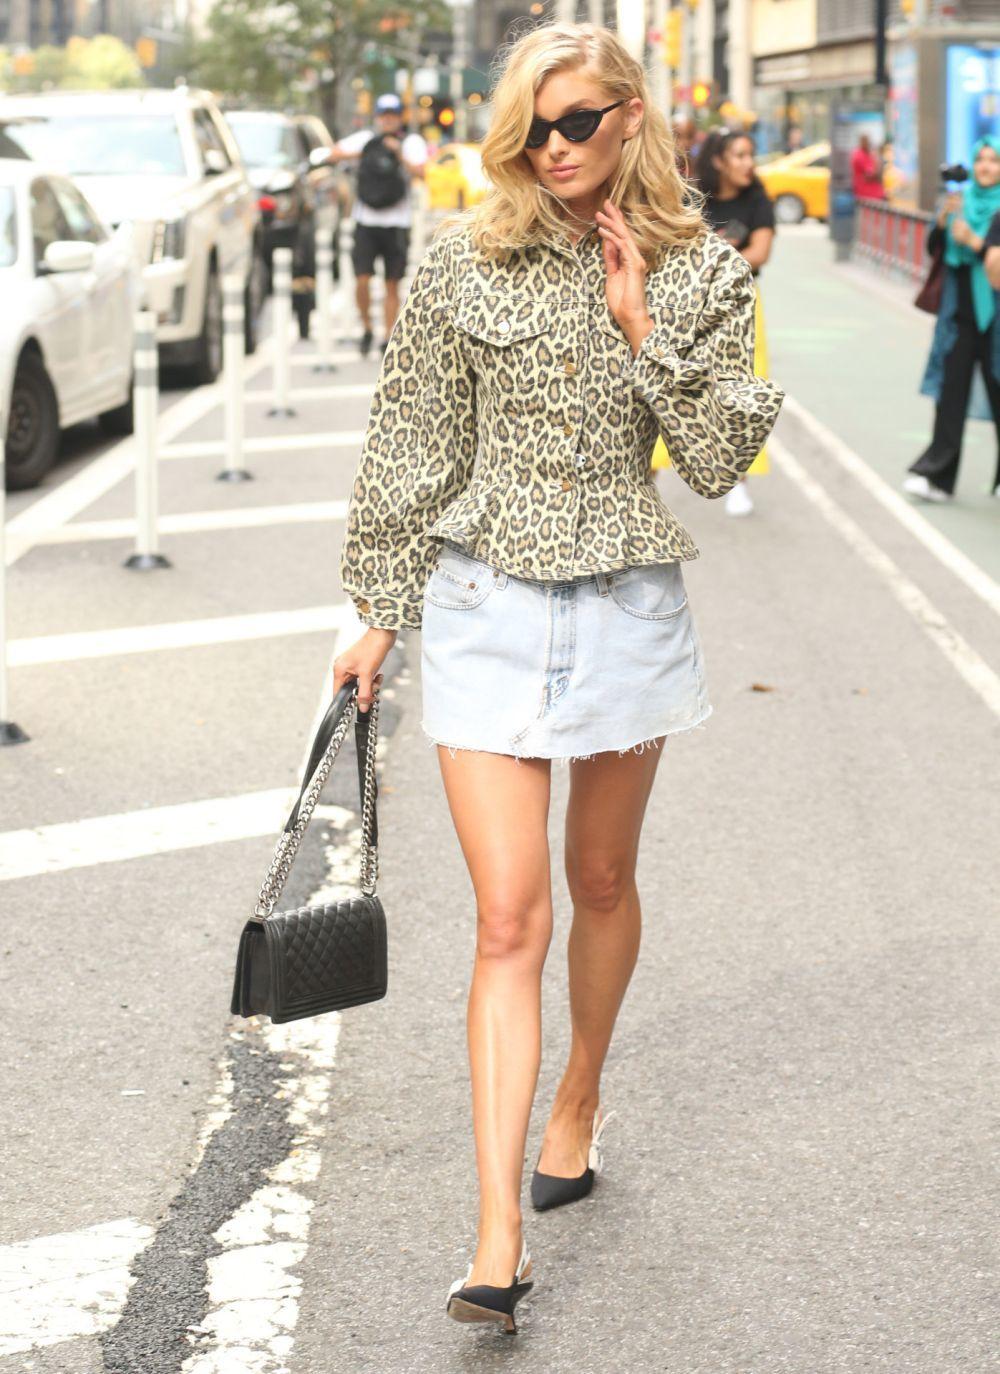 La modelo Elsa Hosk protagoniza el look del día.